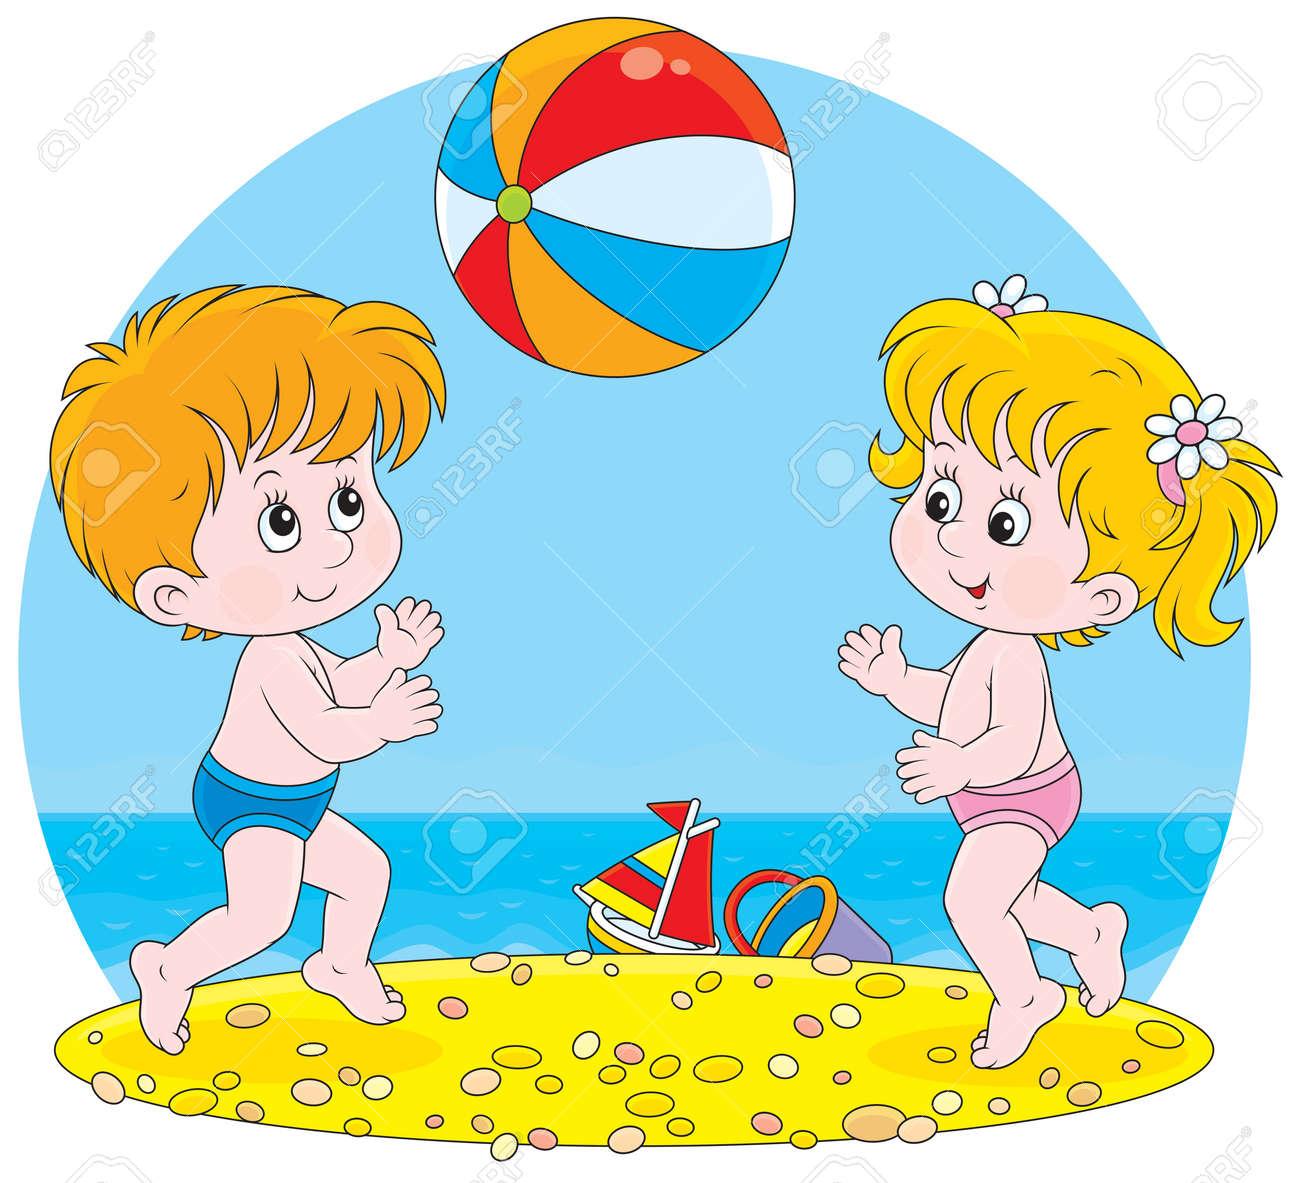 Niña Y Niño Jugando Con Una Pelota En Una Playa Ilustraciones